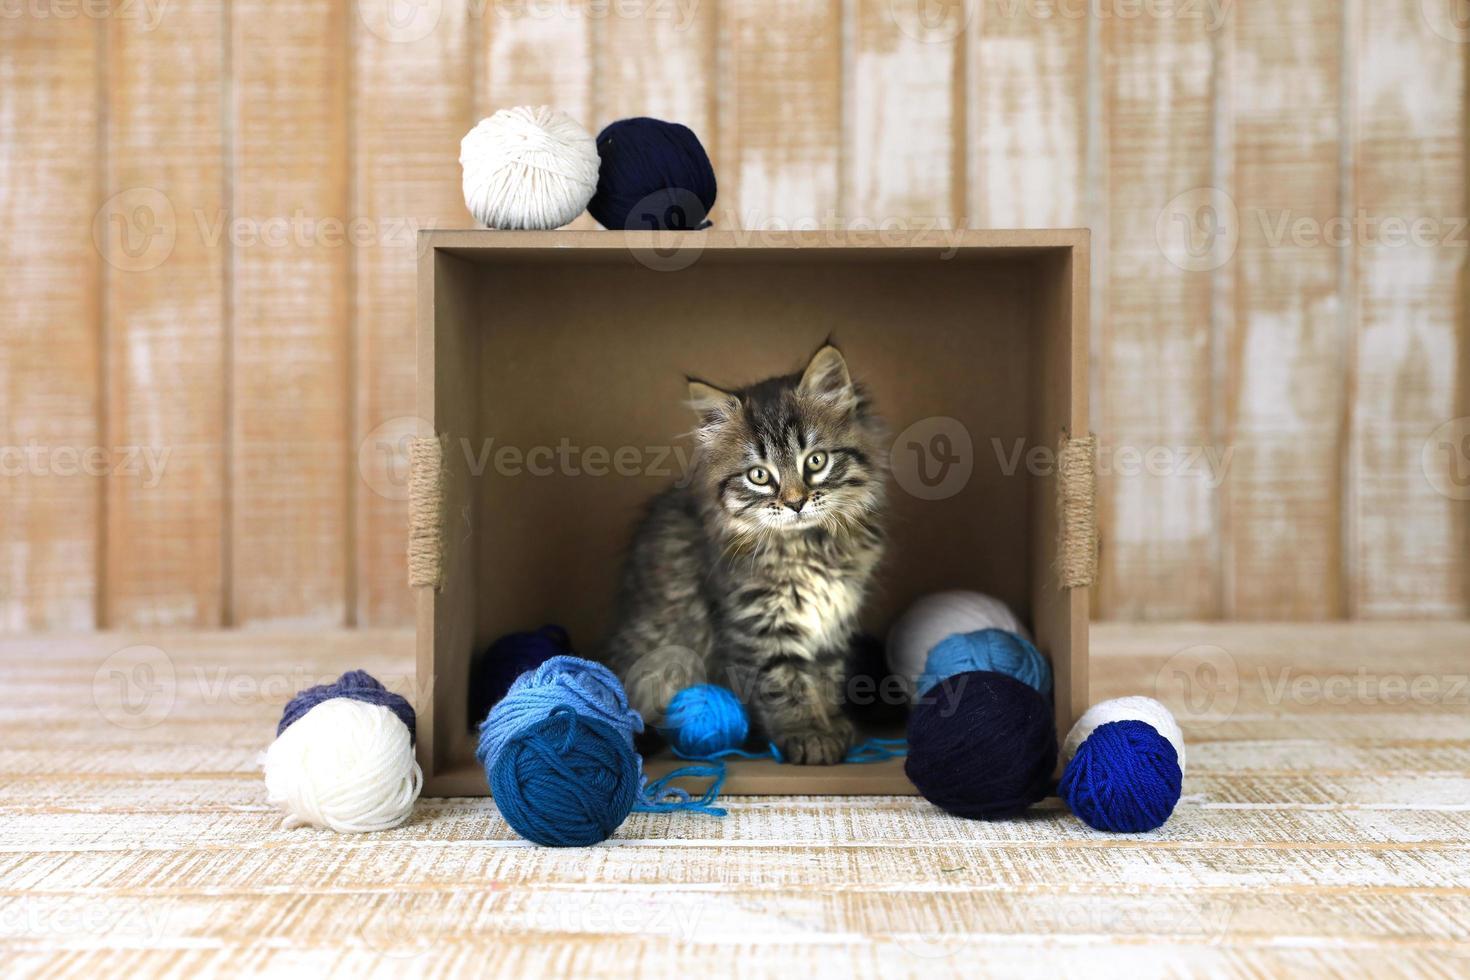 kattunge i en låda med blått och vitt garn foto